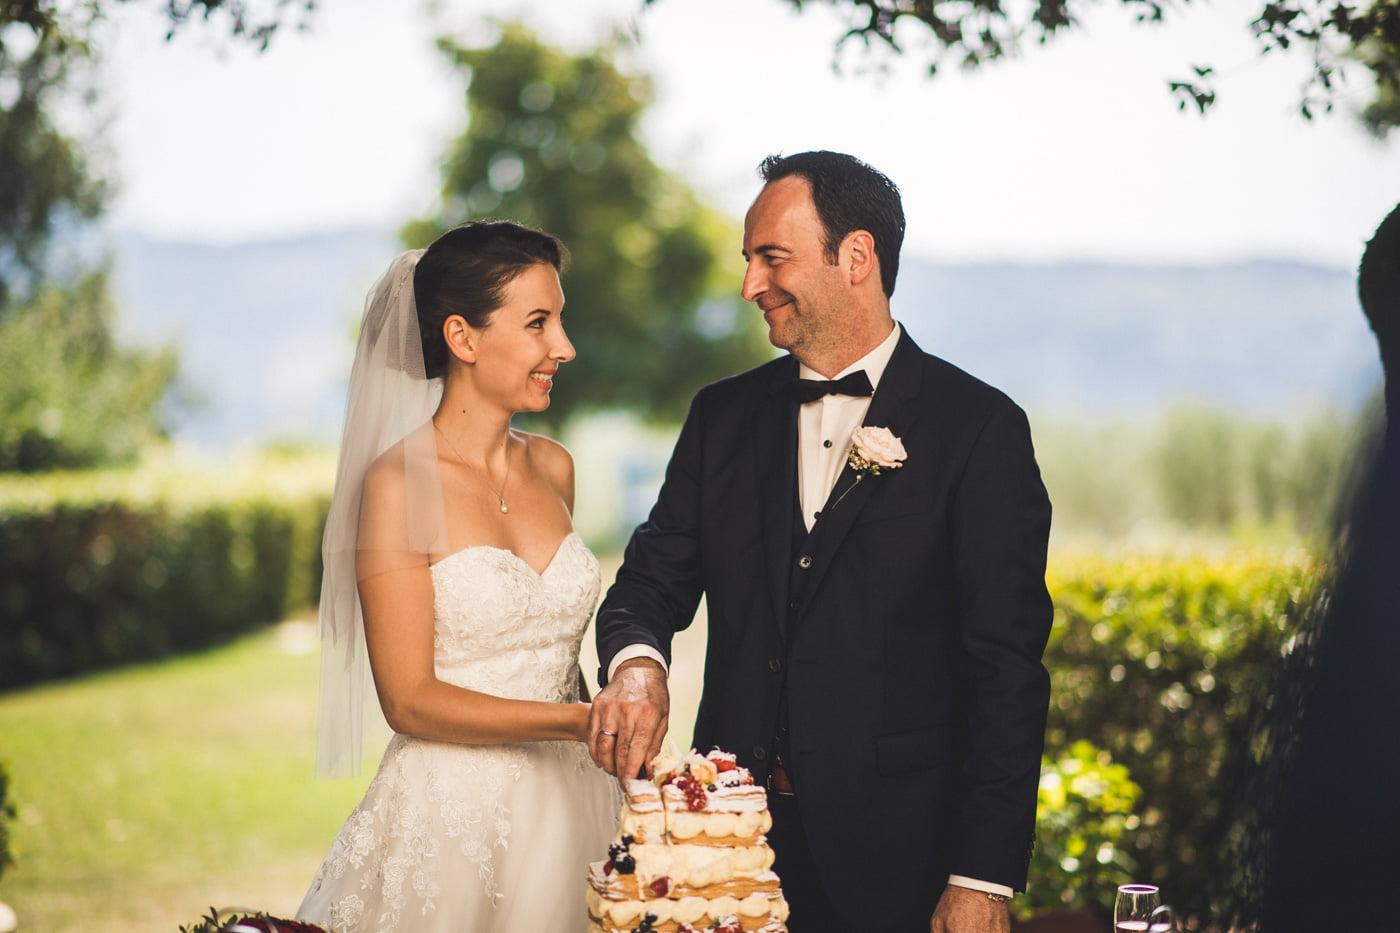 029-wedding-tuscany-rignana